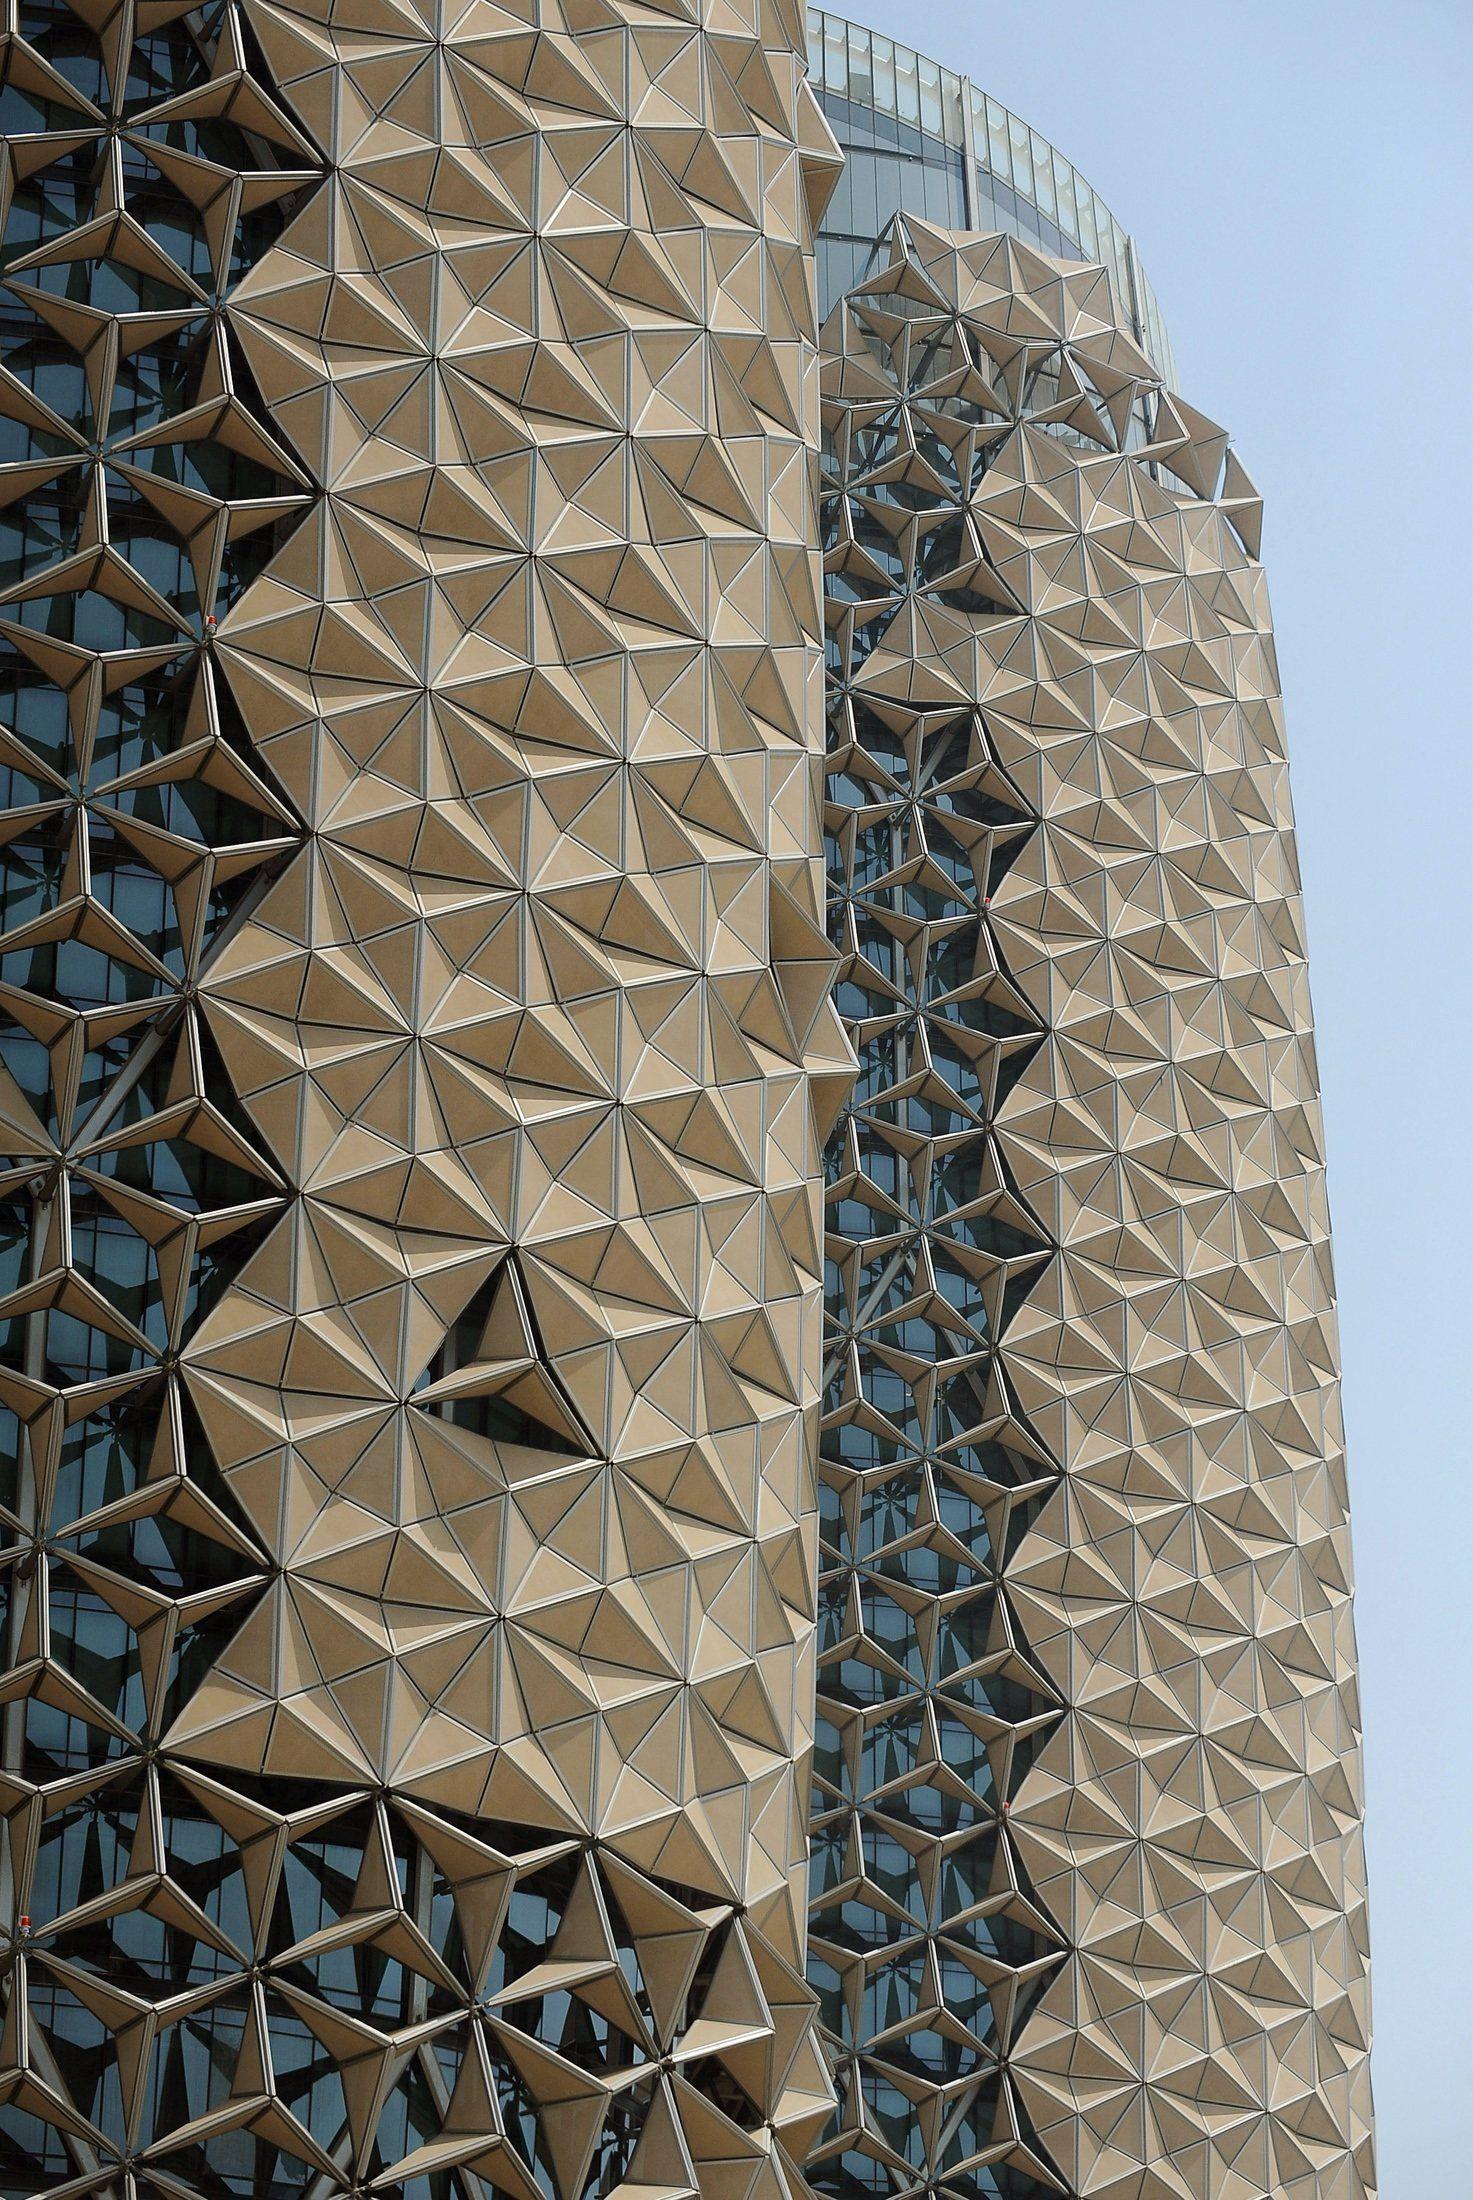 Facade Arquitetura de fachadas, Torre